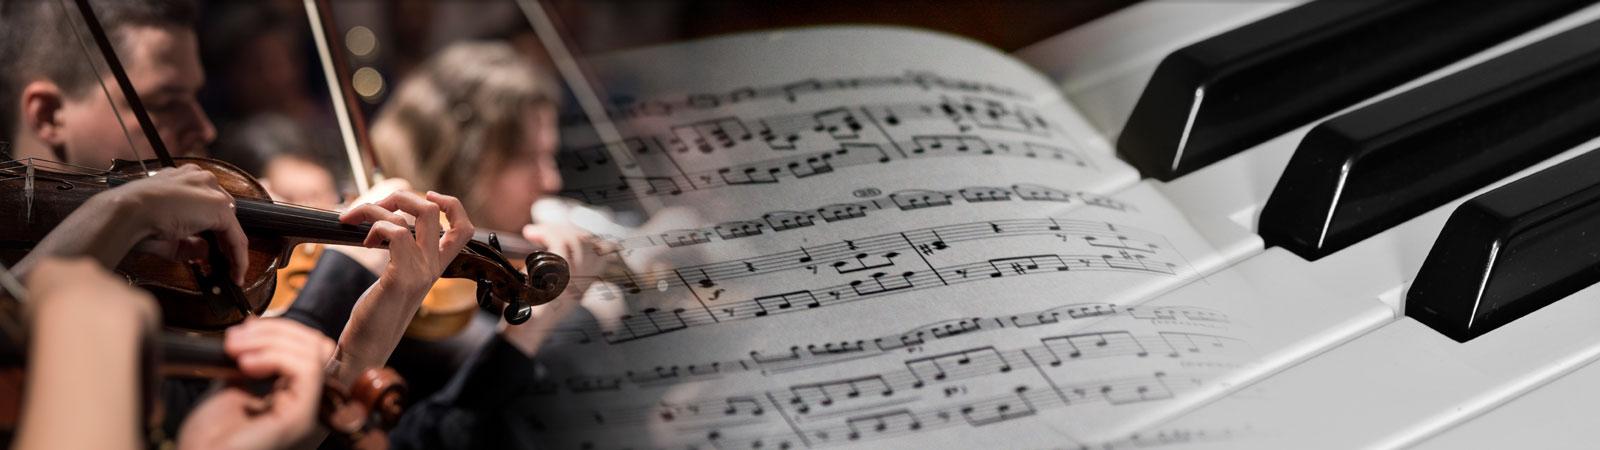 LearnMusicNZ